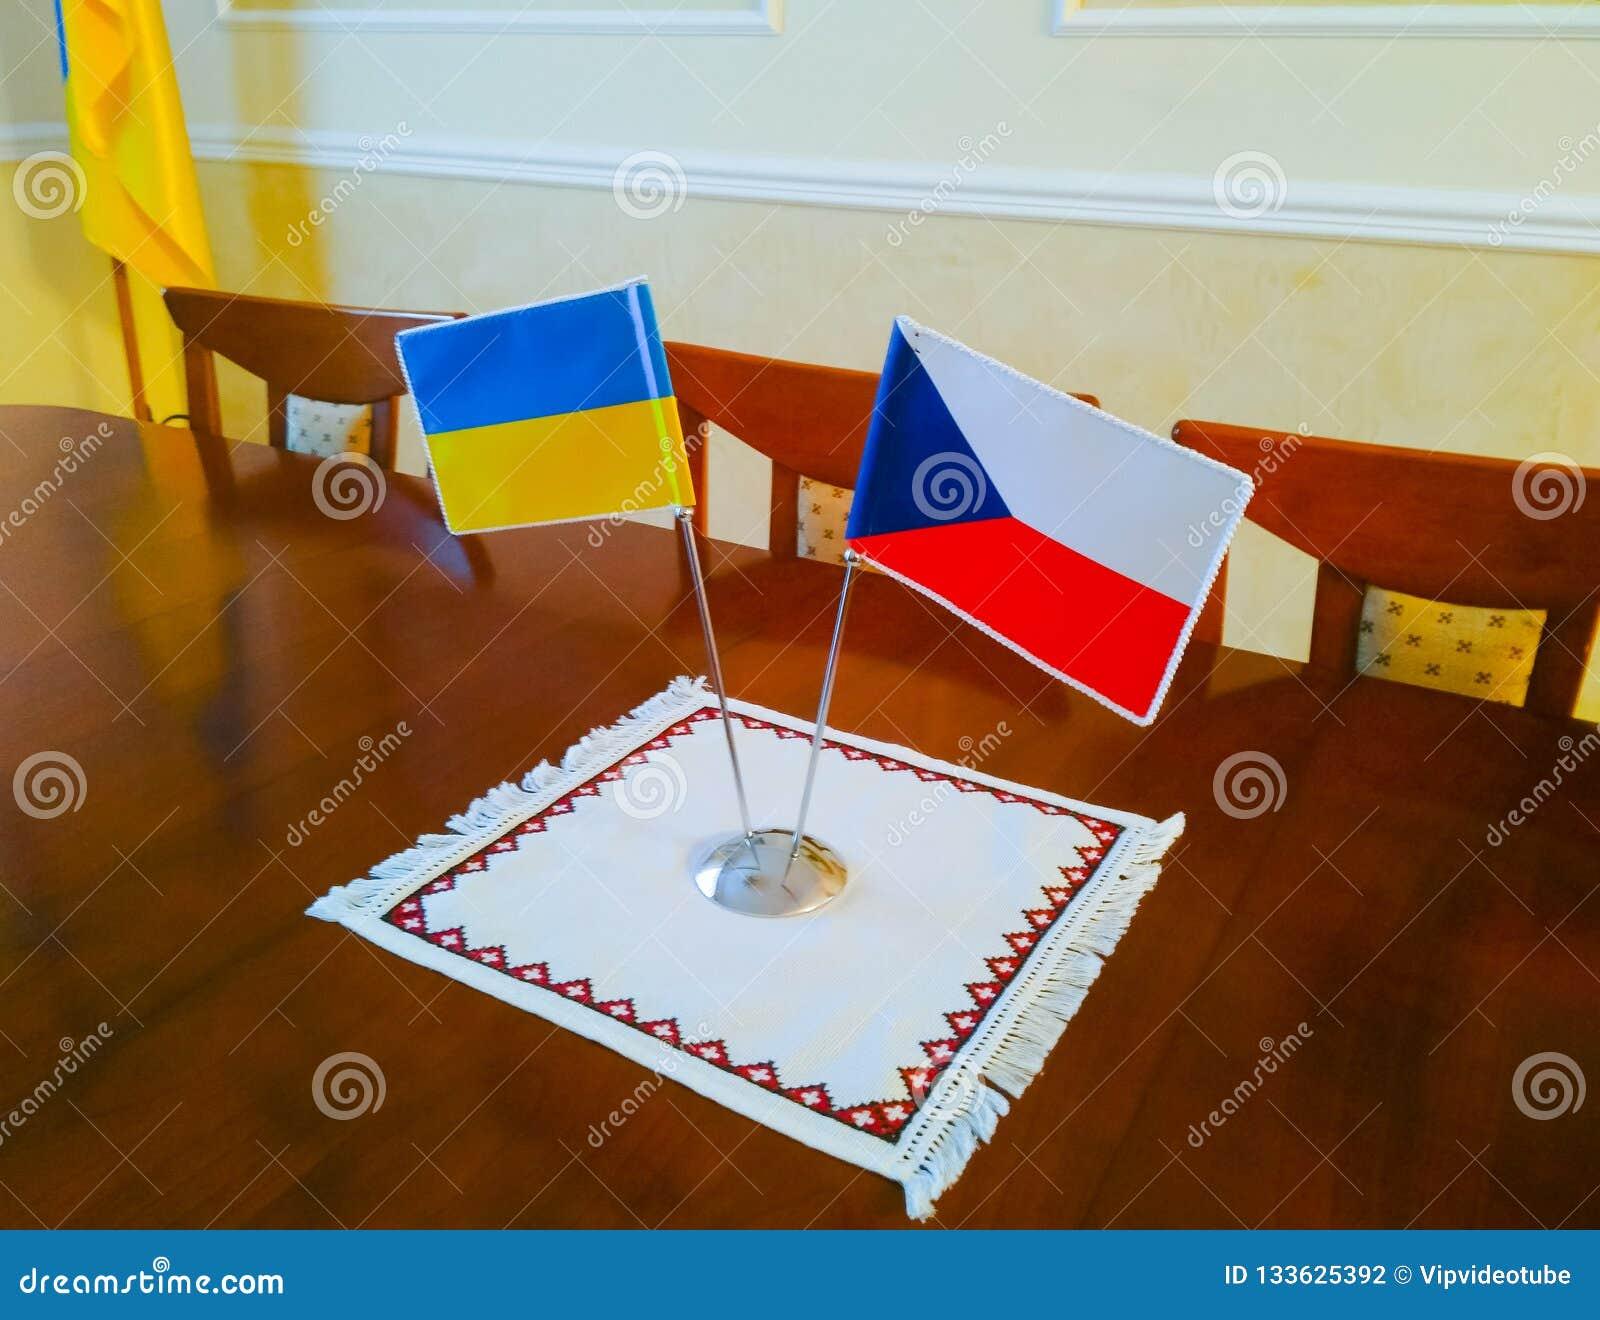 Drapeaux de l Ukraine et de la République Tchèque sur la table